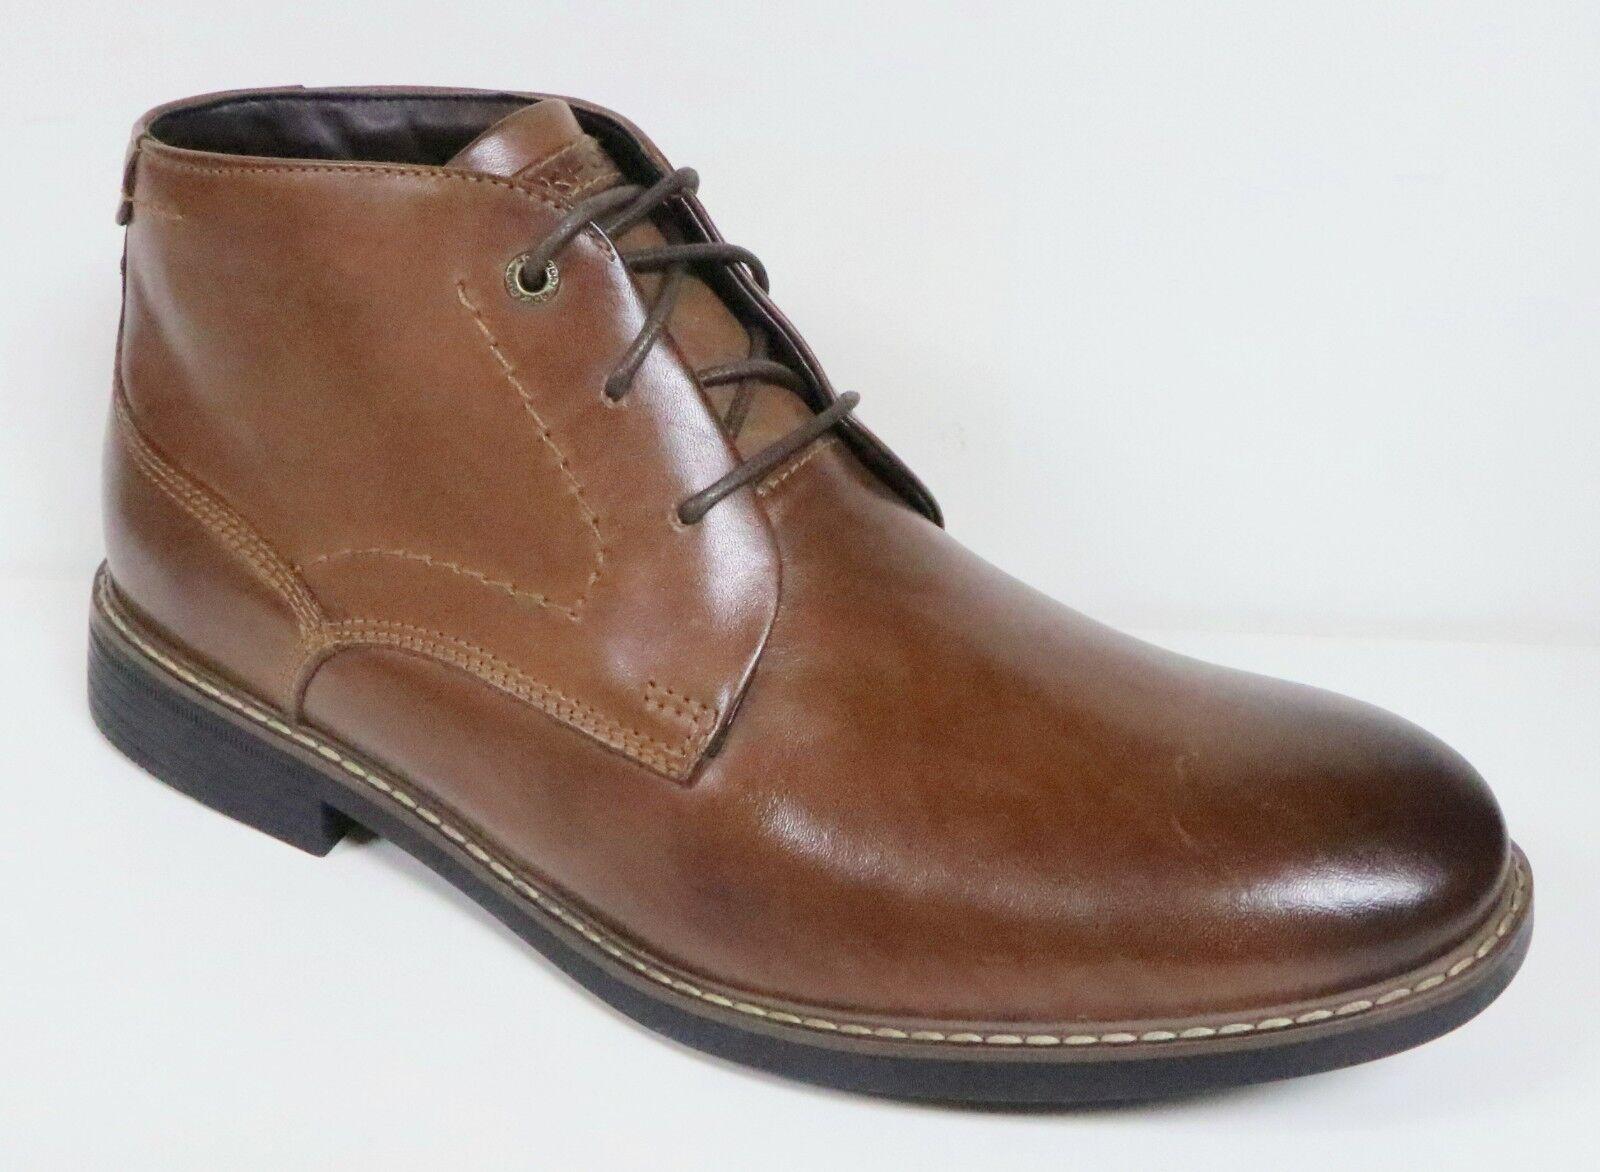 Rockport Break para Hombre Marrón Cuero Clásico Chukka botas Zapatos Con Cordones De Nuevo